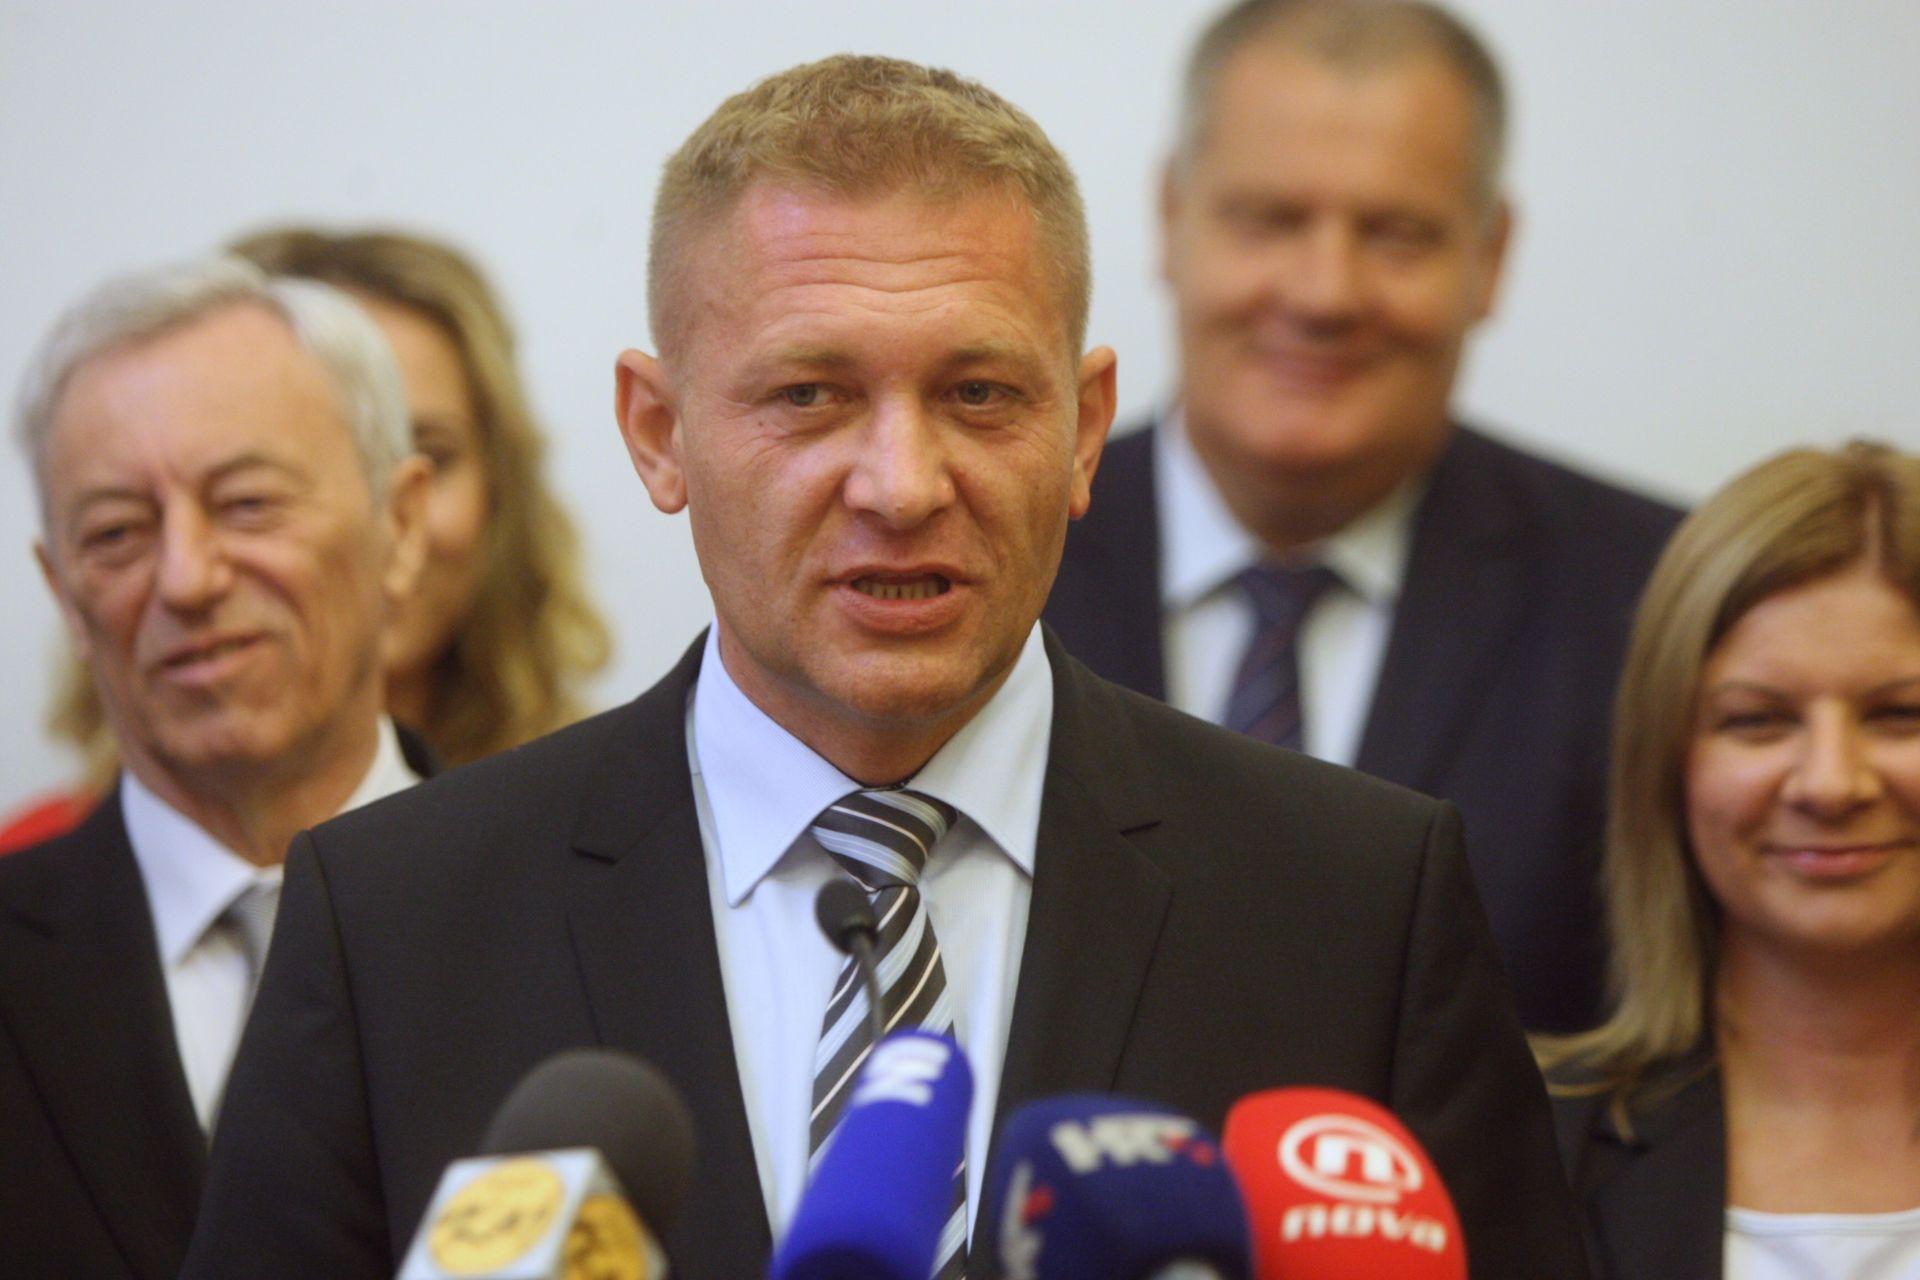 KREŠO BELJAK: 'Dat ćemo im 100 dana prilagodbe i nakon toga ćemo biti prava opozicijska stranka'